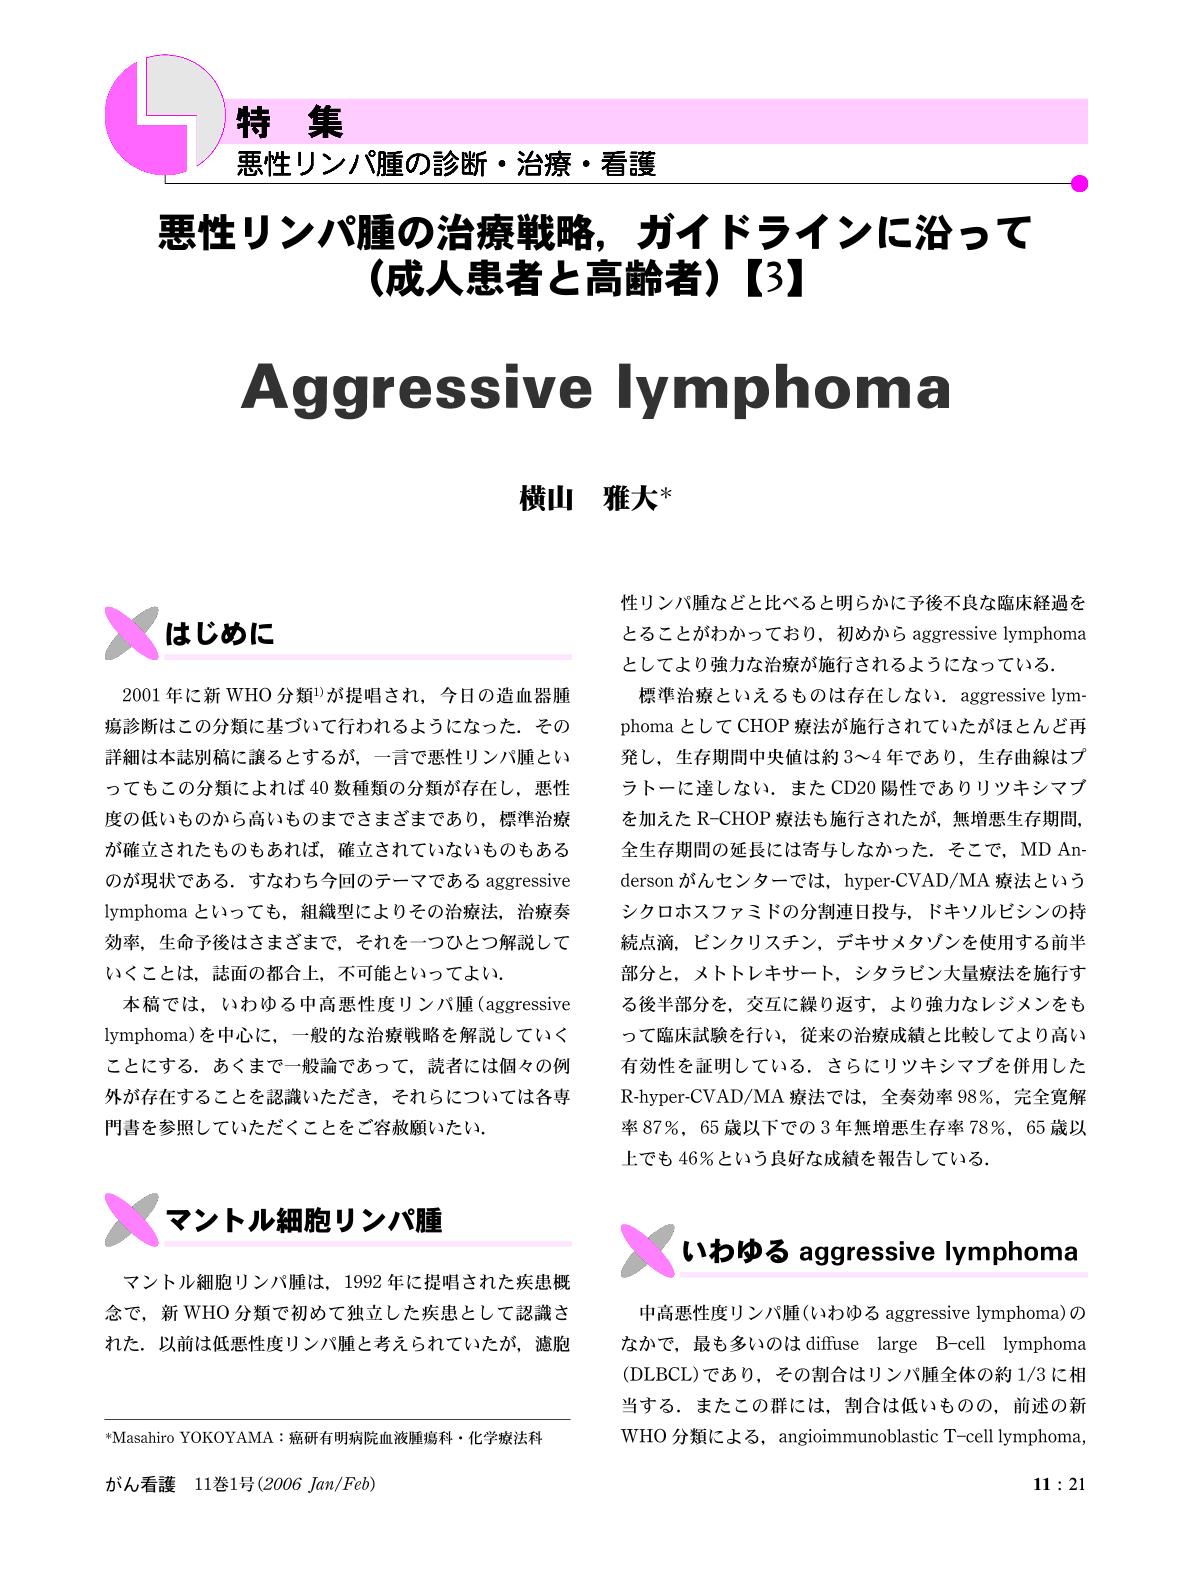 ガイドライン 悪性 リンパ腫